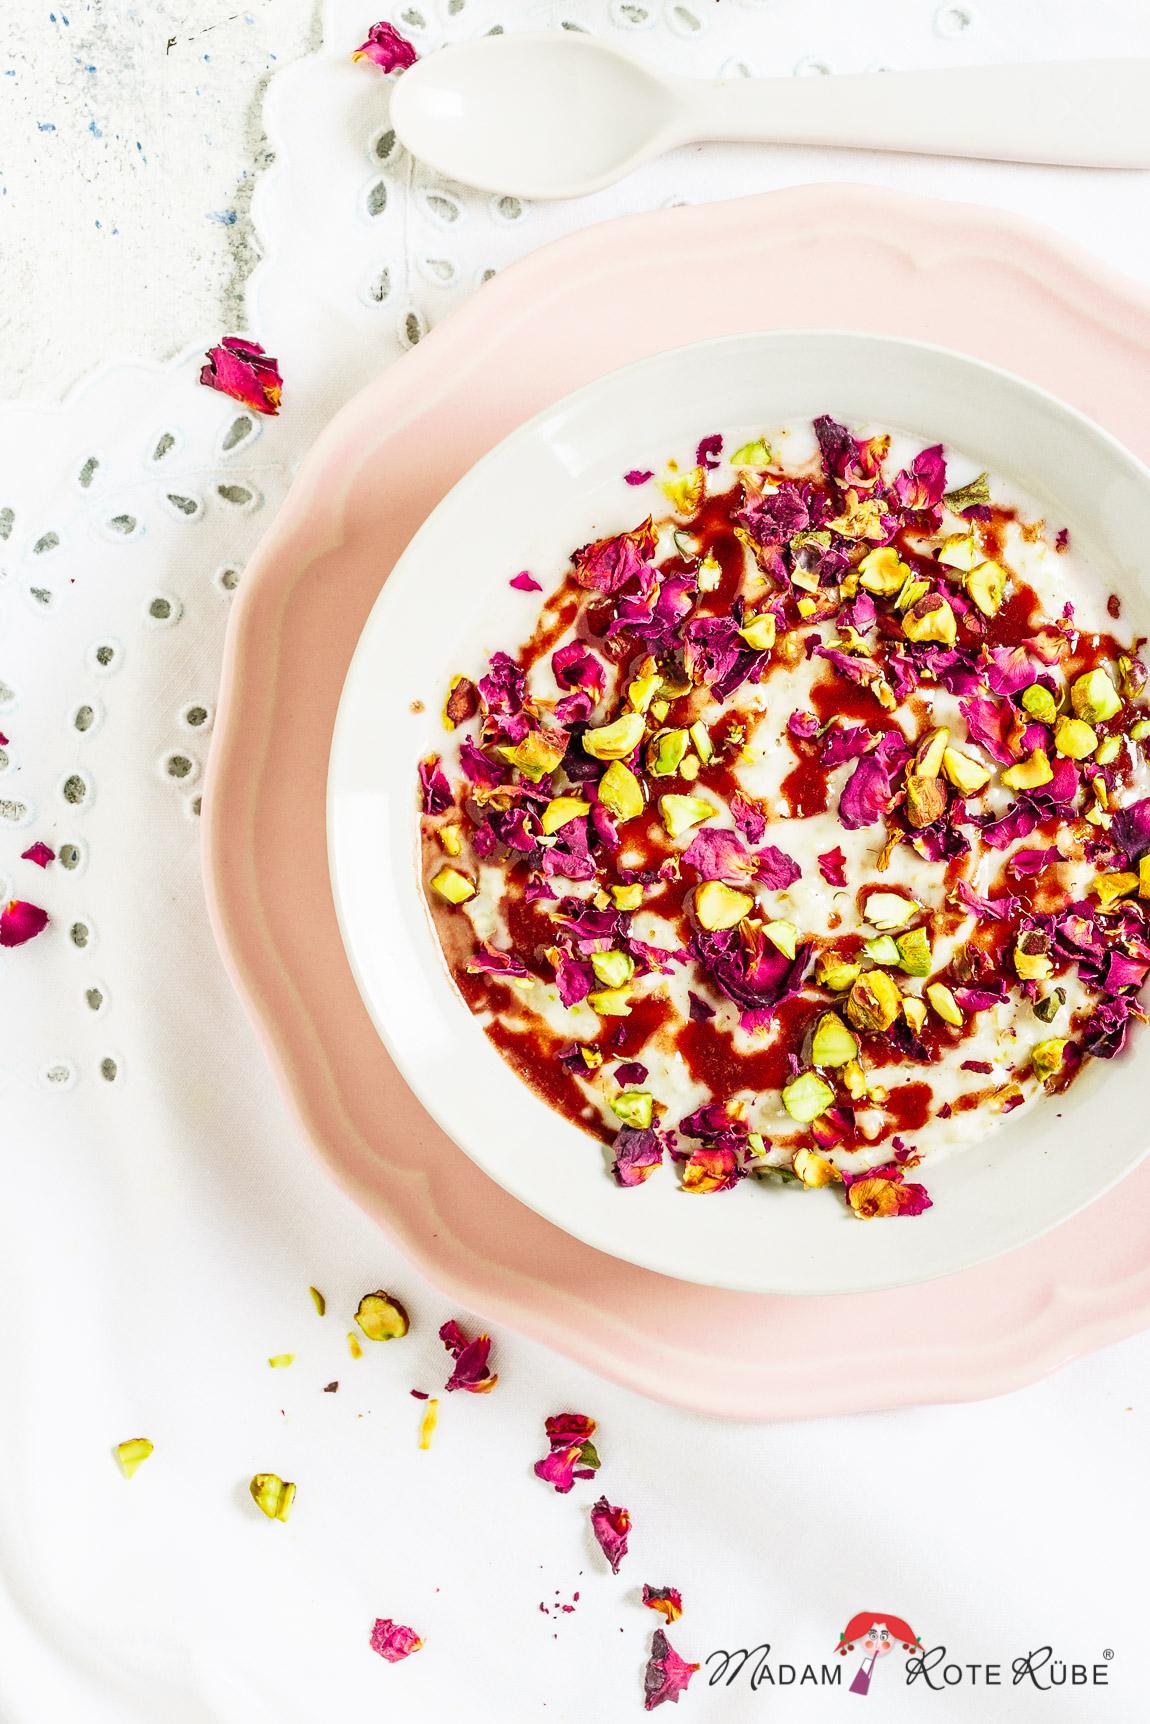 Madam Rote Rübe - Kokos-Porridge mit Pistazien und Schokosauce